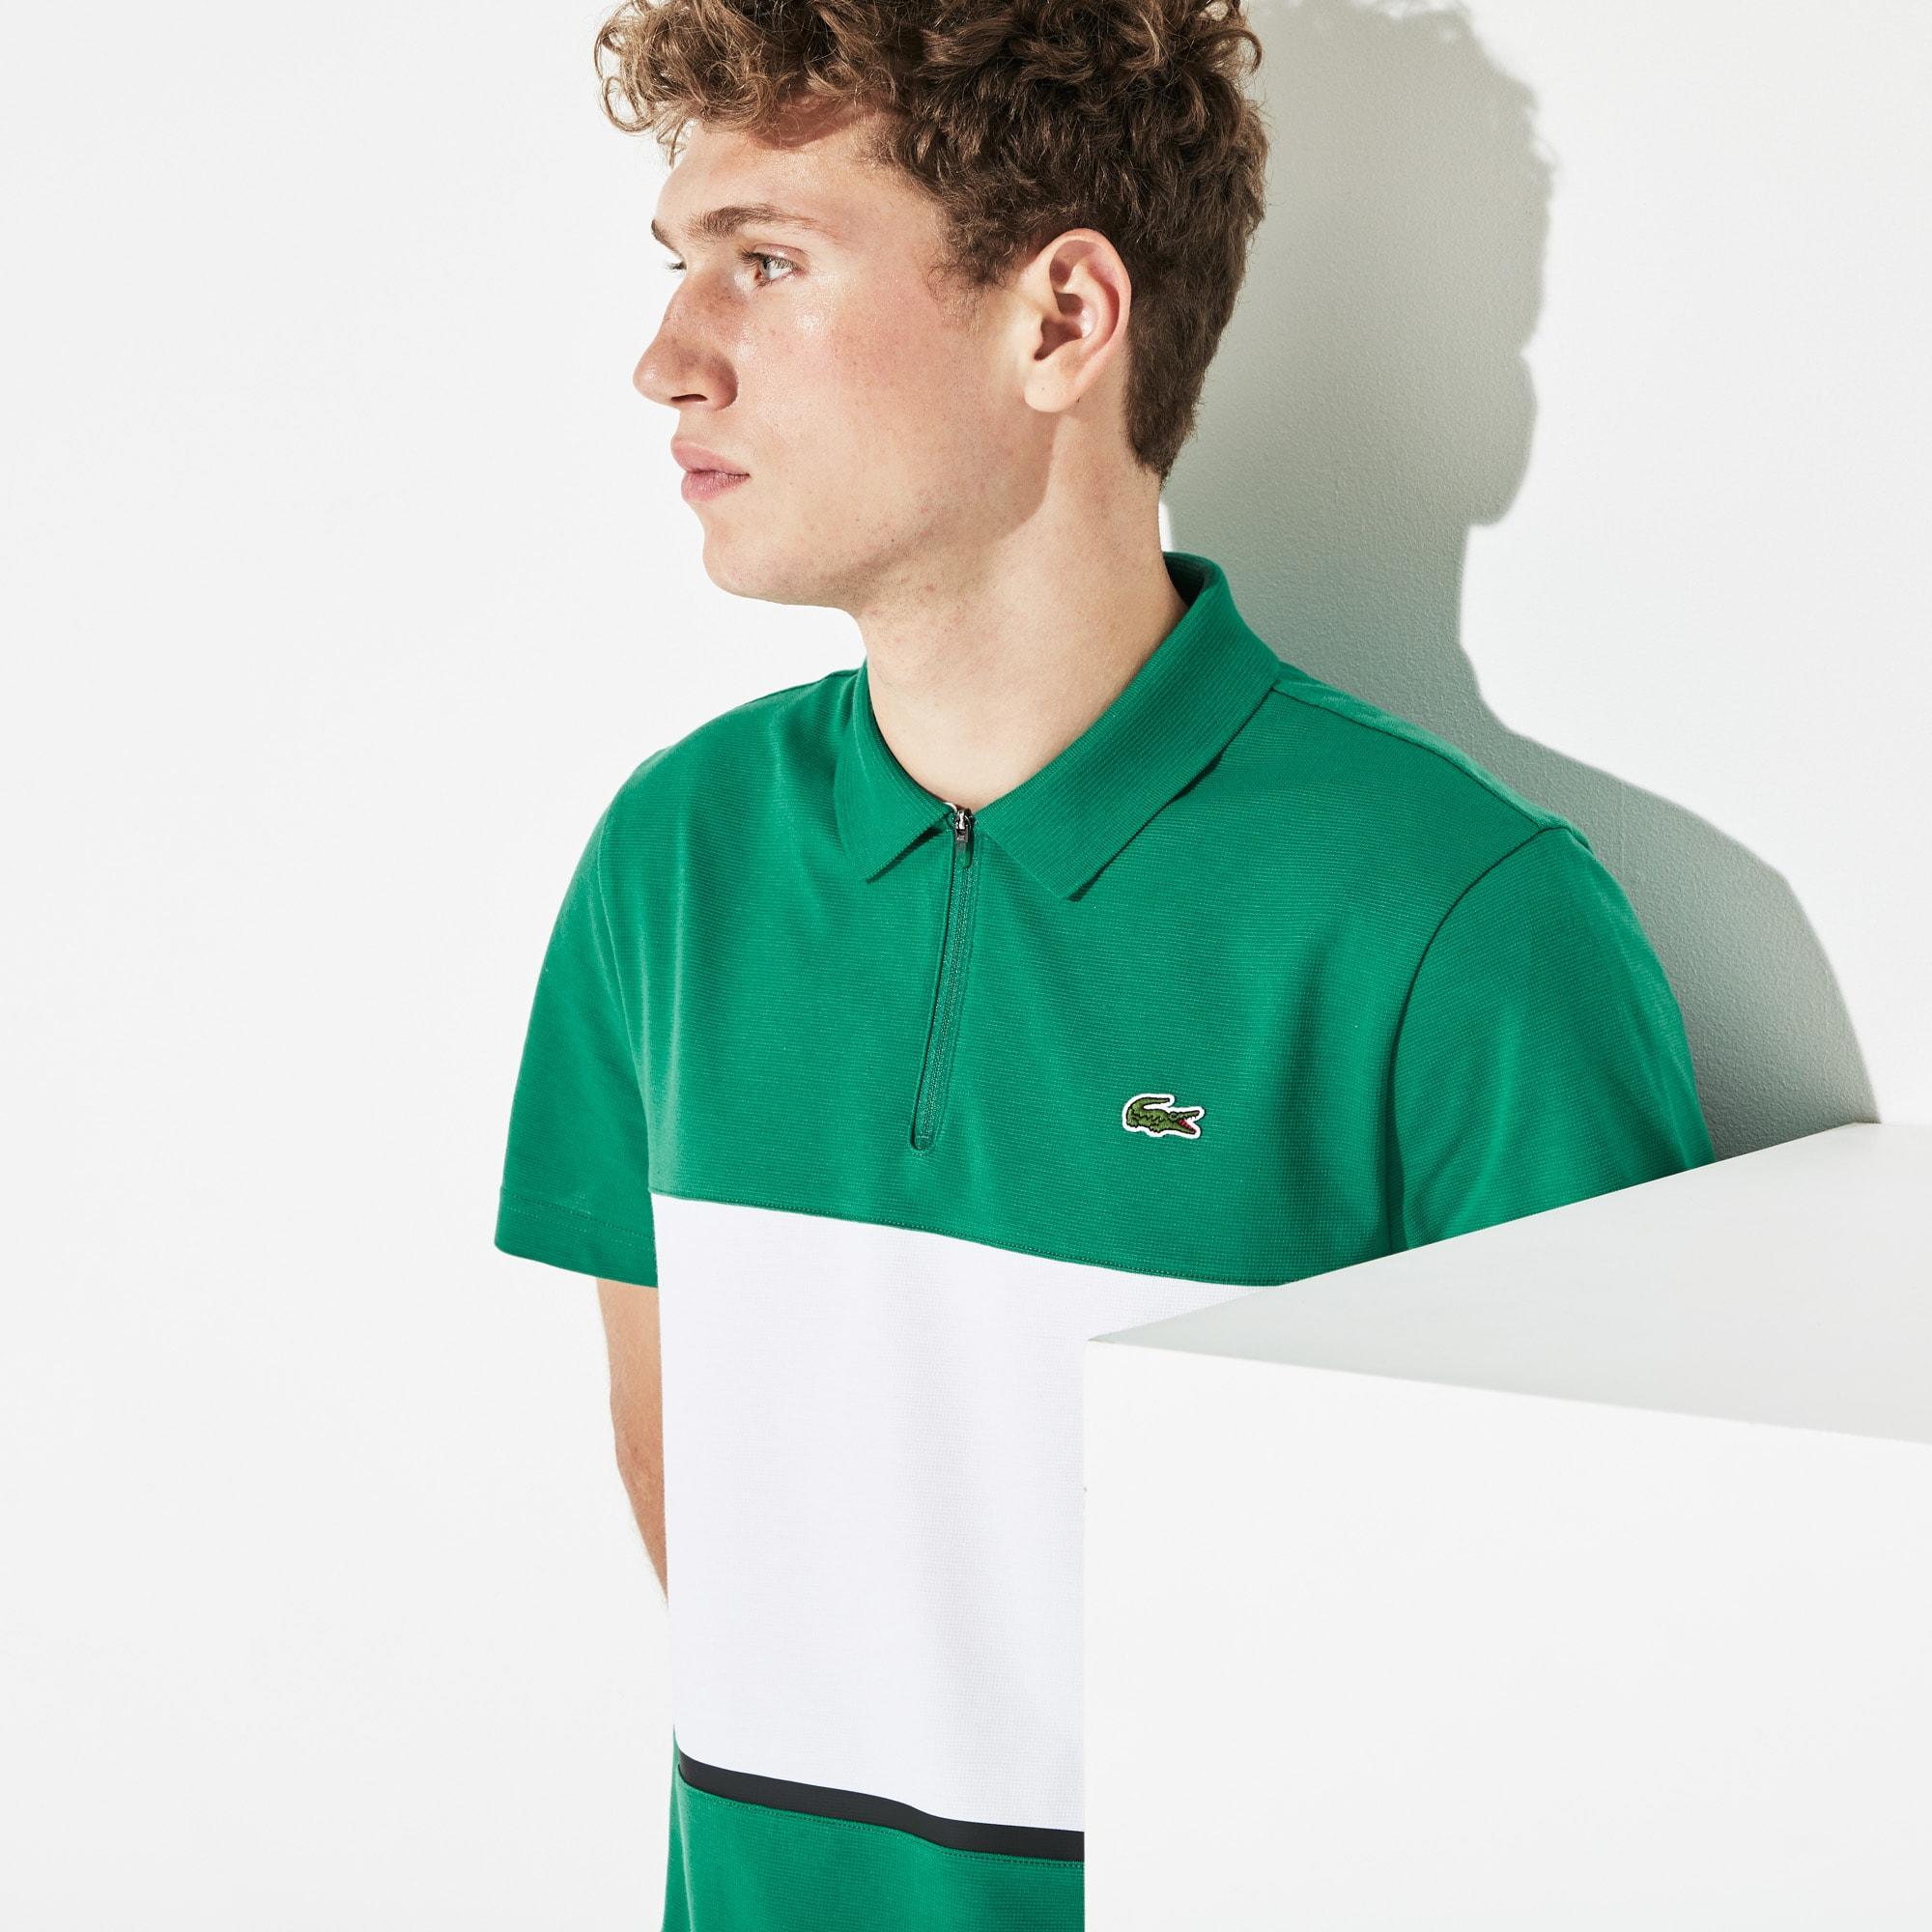 91cbb29a Men's Lacoste SPORT Zip Neck Colourblock Ultra Light Cotton Polo Shirt